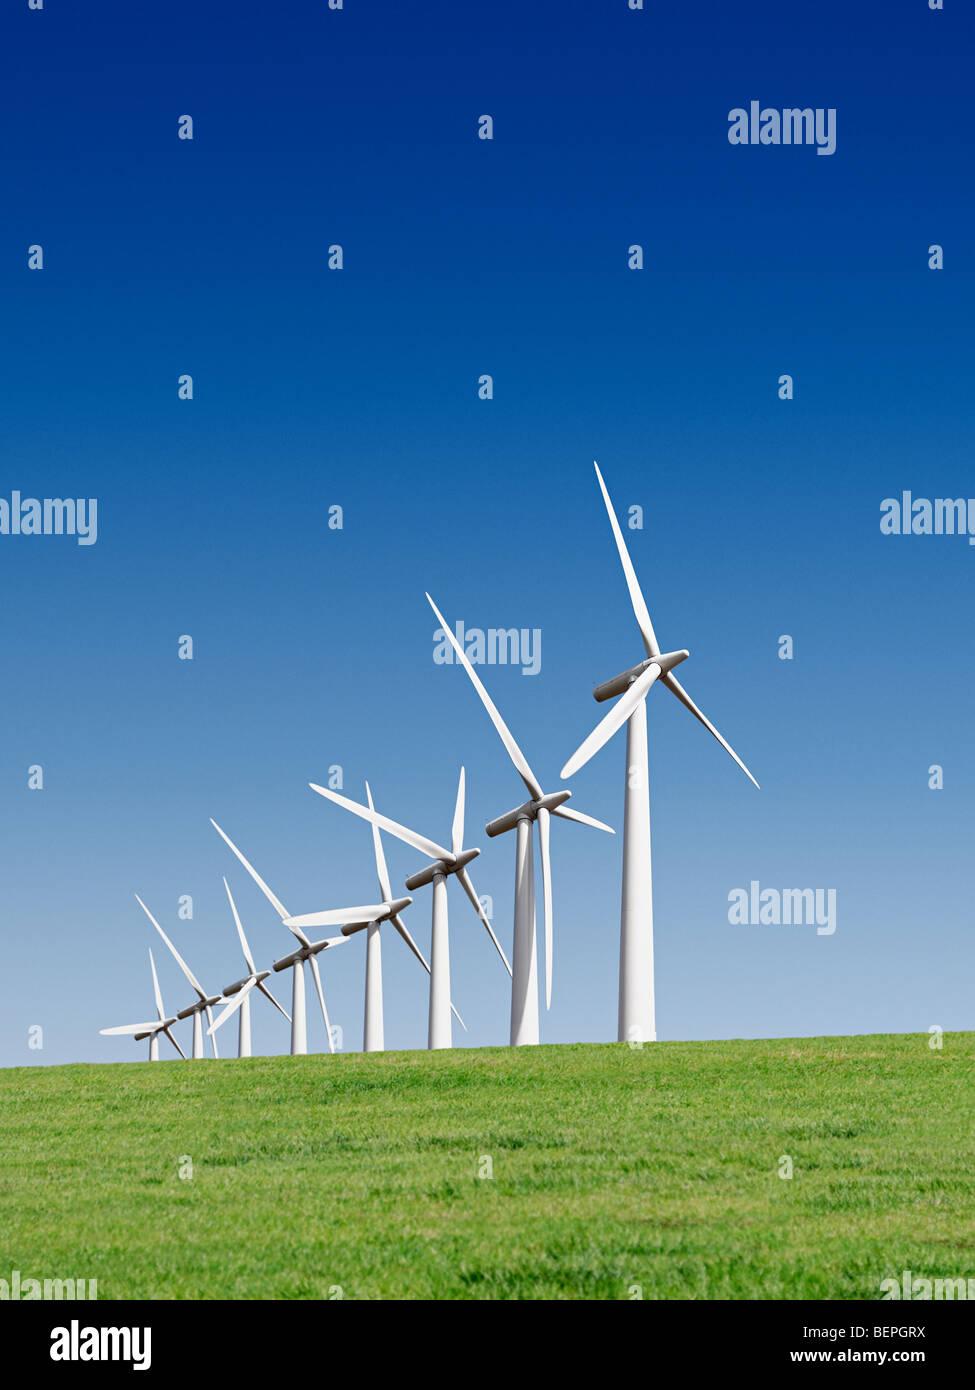 Le turbine eoliche su una fattoria eolica, UK. Immagini Stock